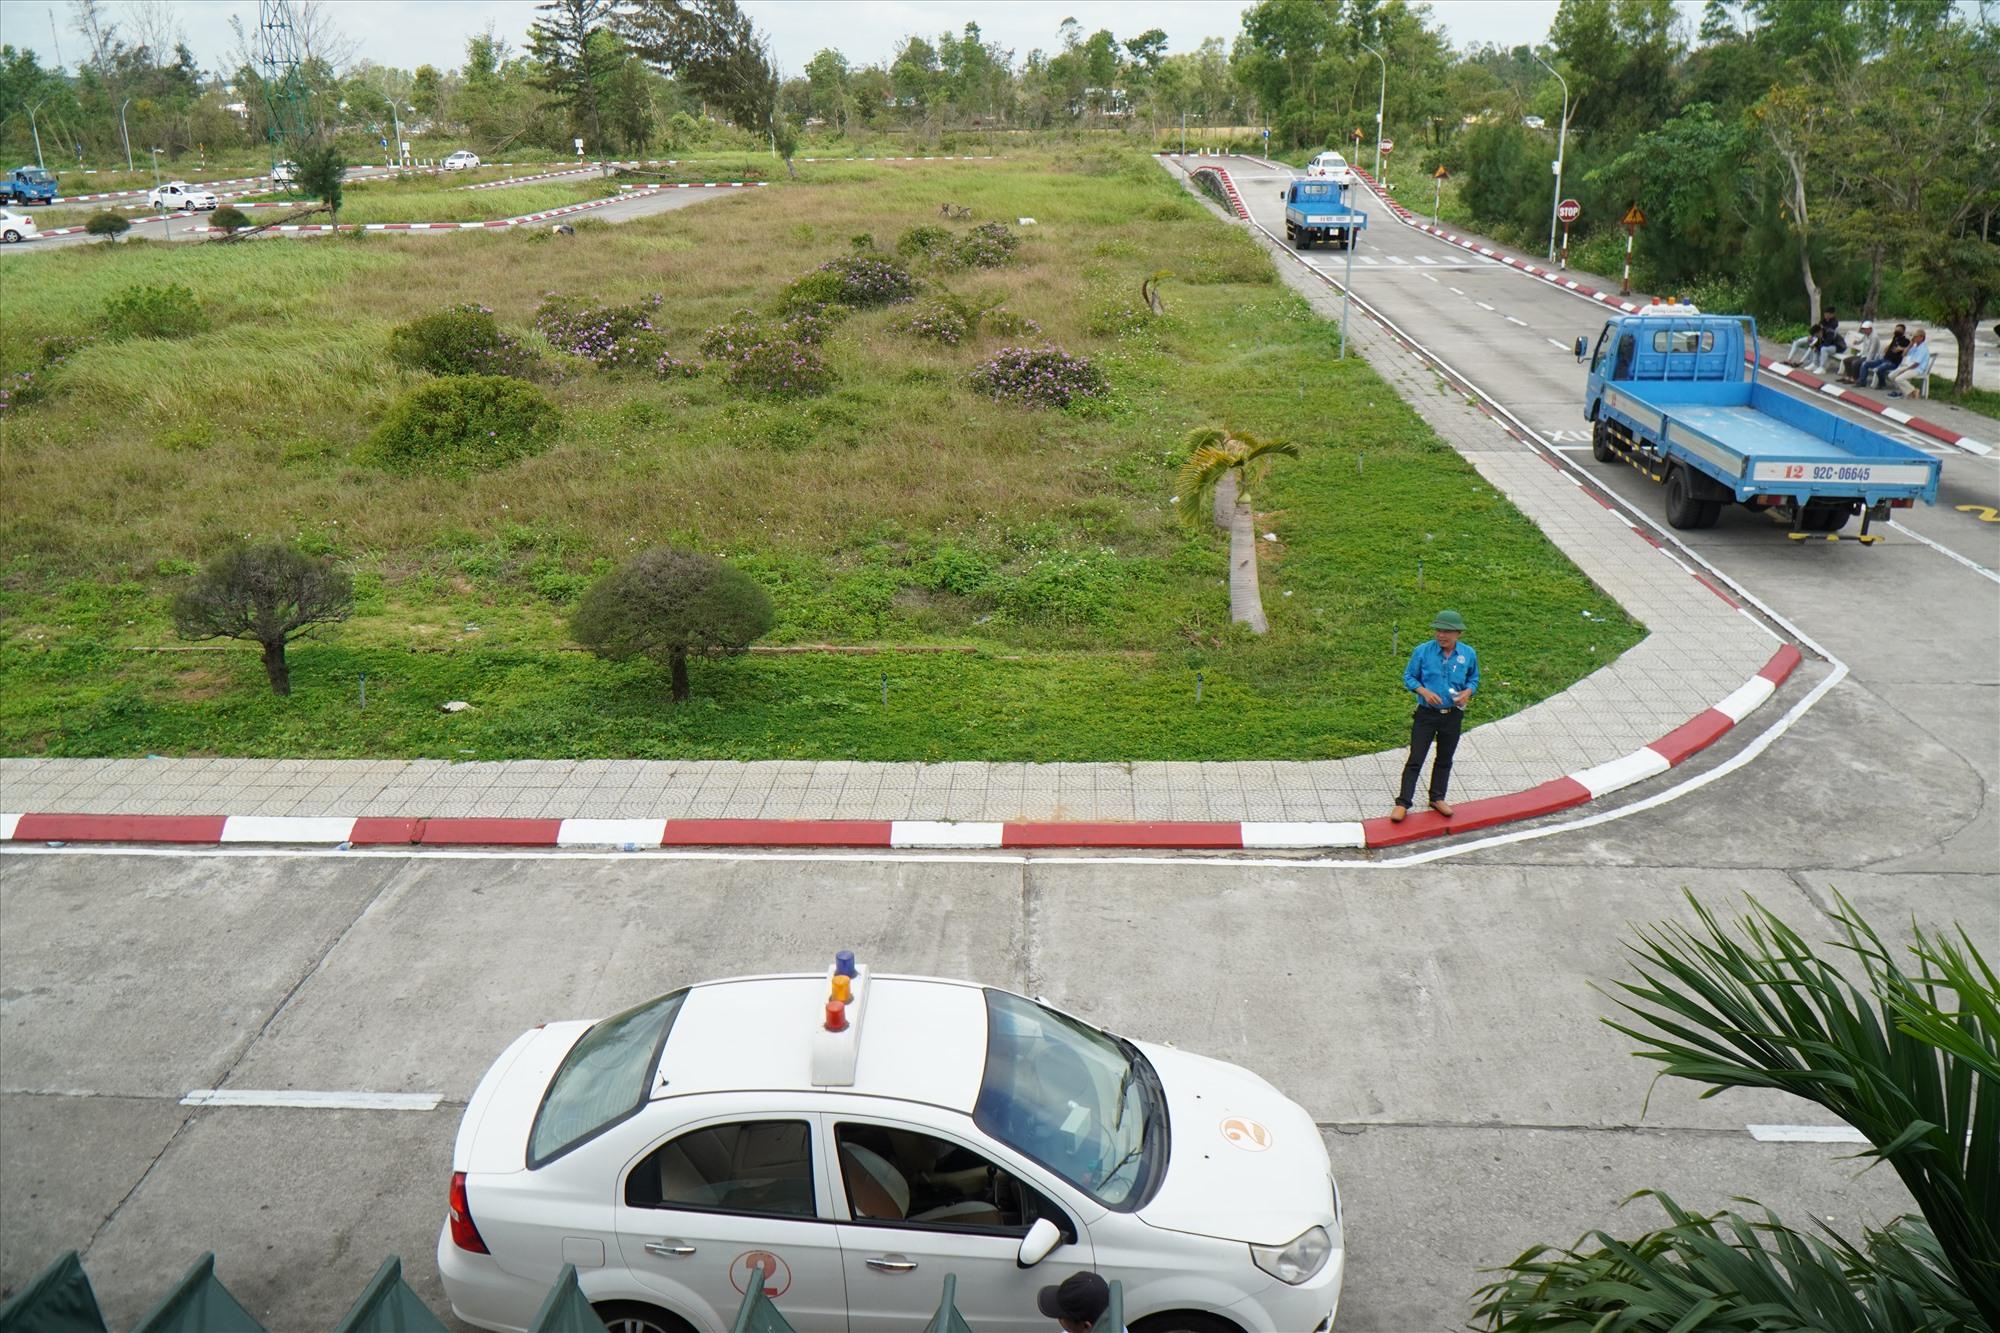 Sân sát hạch lái xe đạt chuẩn của Công ty CP Minh Sơn Quảng Nam tại xã Bình Nguyên, huyện Thăng Bình. Ảnh: N.T.B